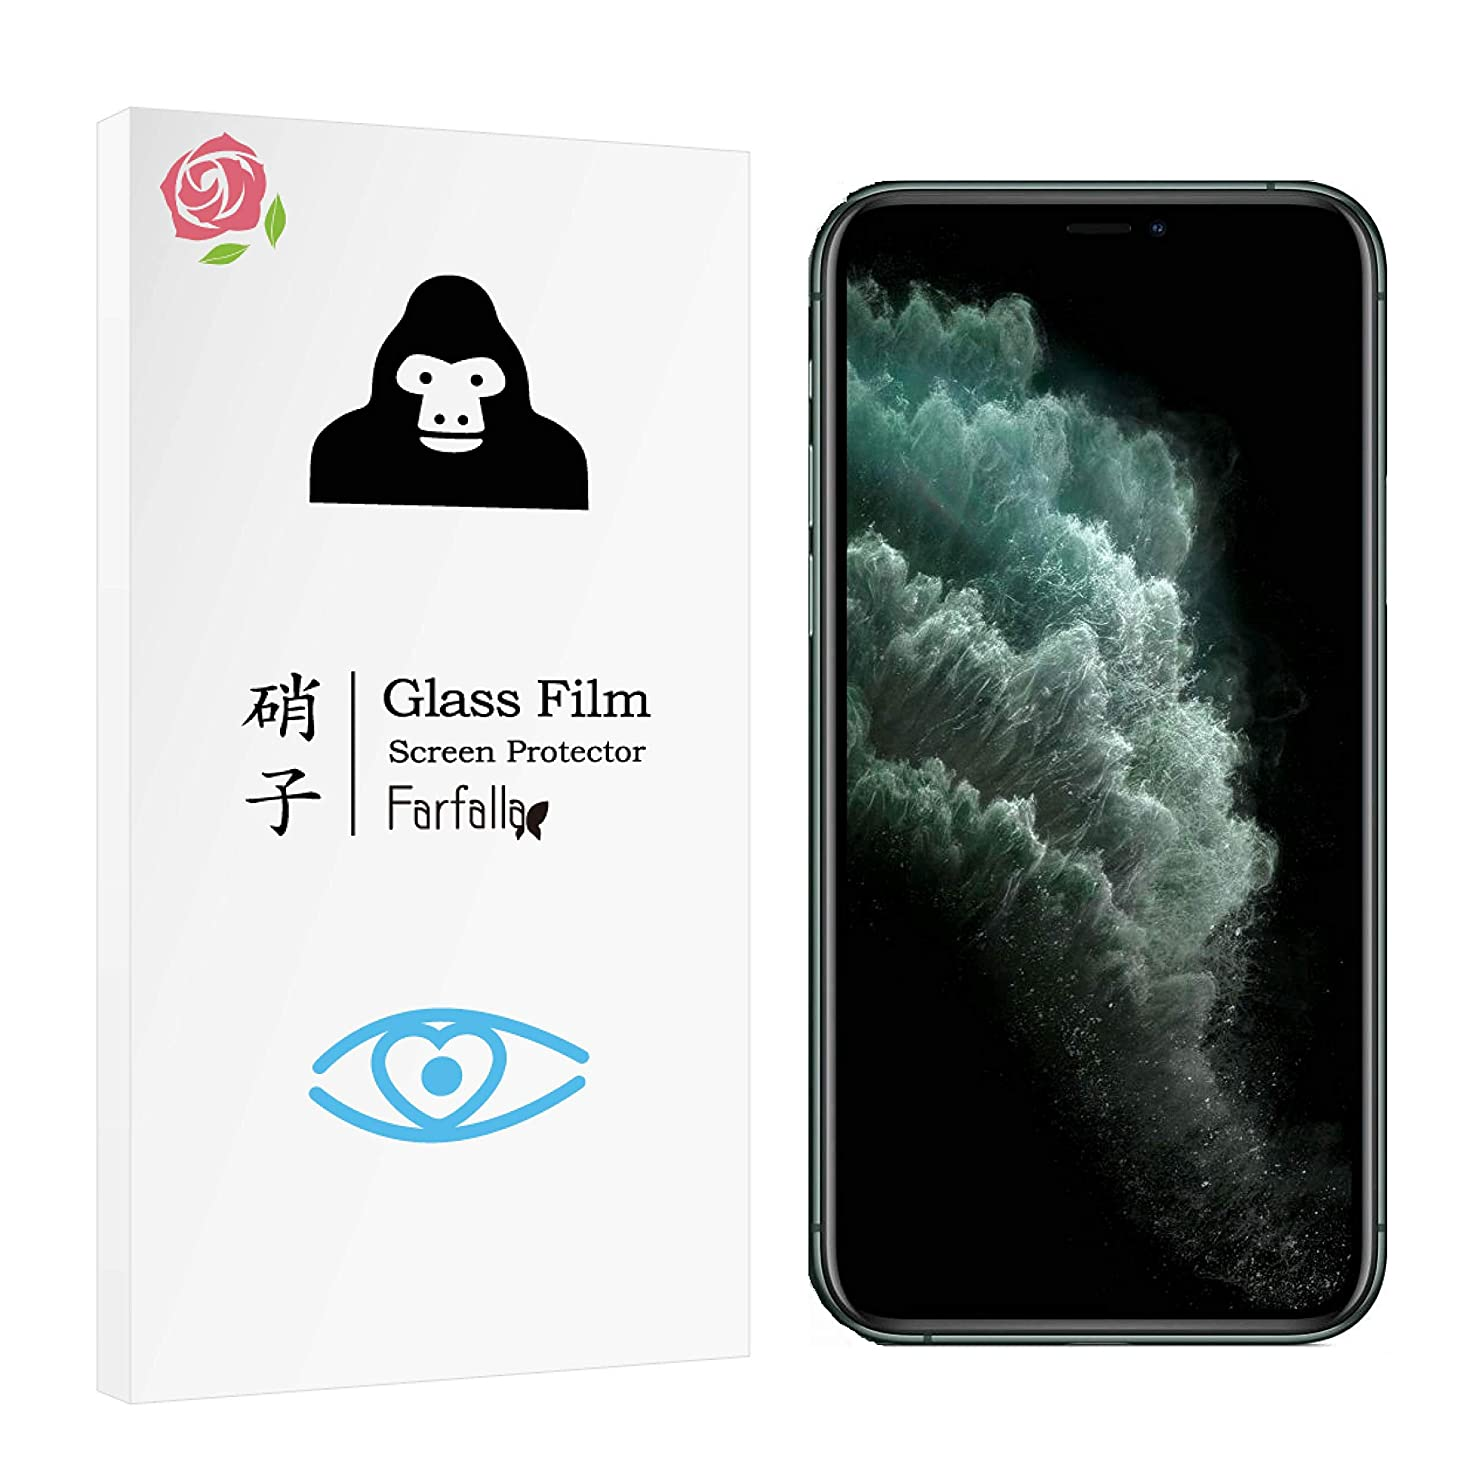 知恵アカデミックトレイ【ブルーライトカット】iPhone 11 Pro/iPhone XS/iPhone X ガラスフィルム CORNING GORILLA GLASS 5使用 オイルコーティング Farfalla (0.3mm)